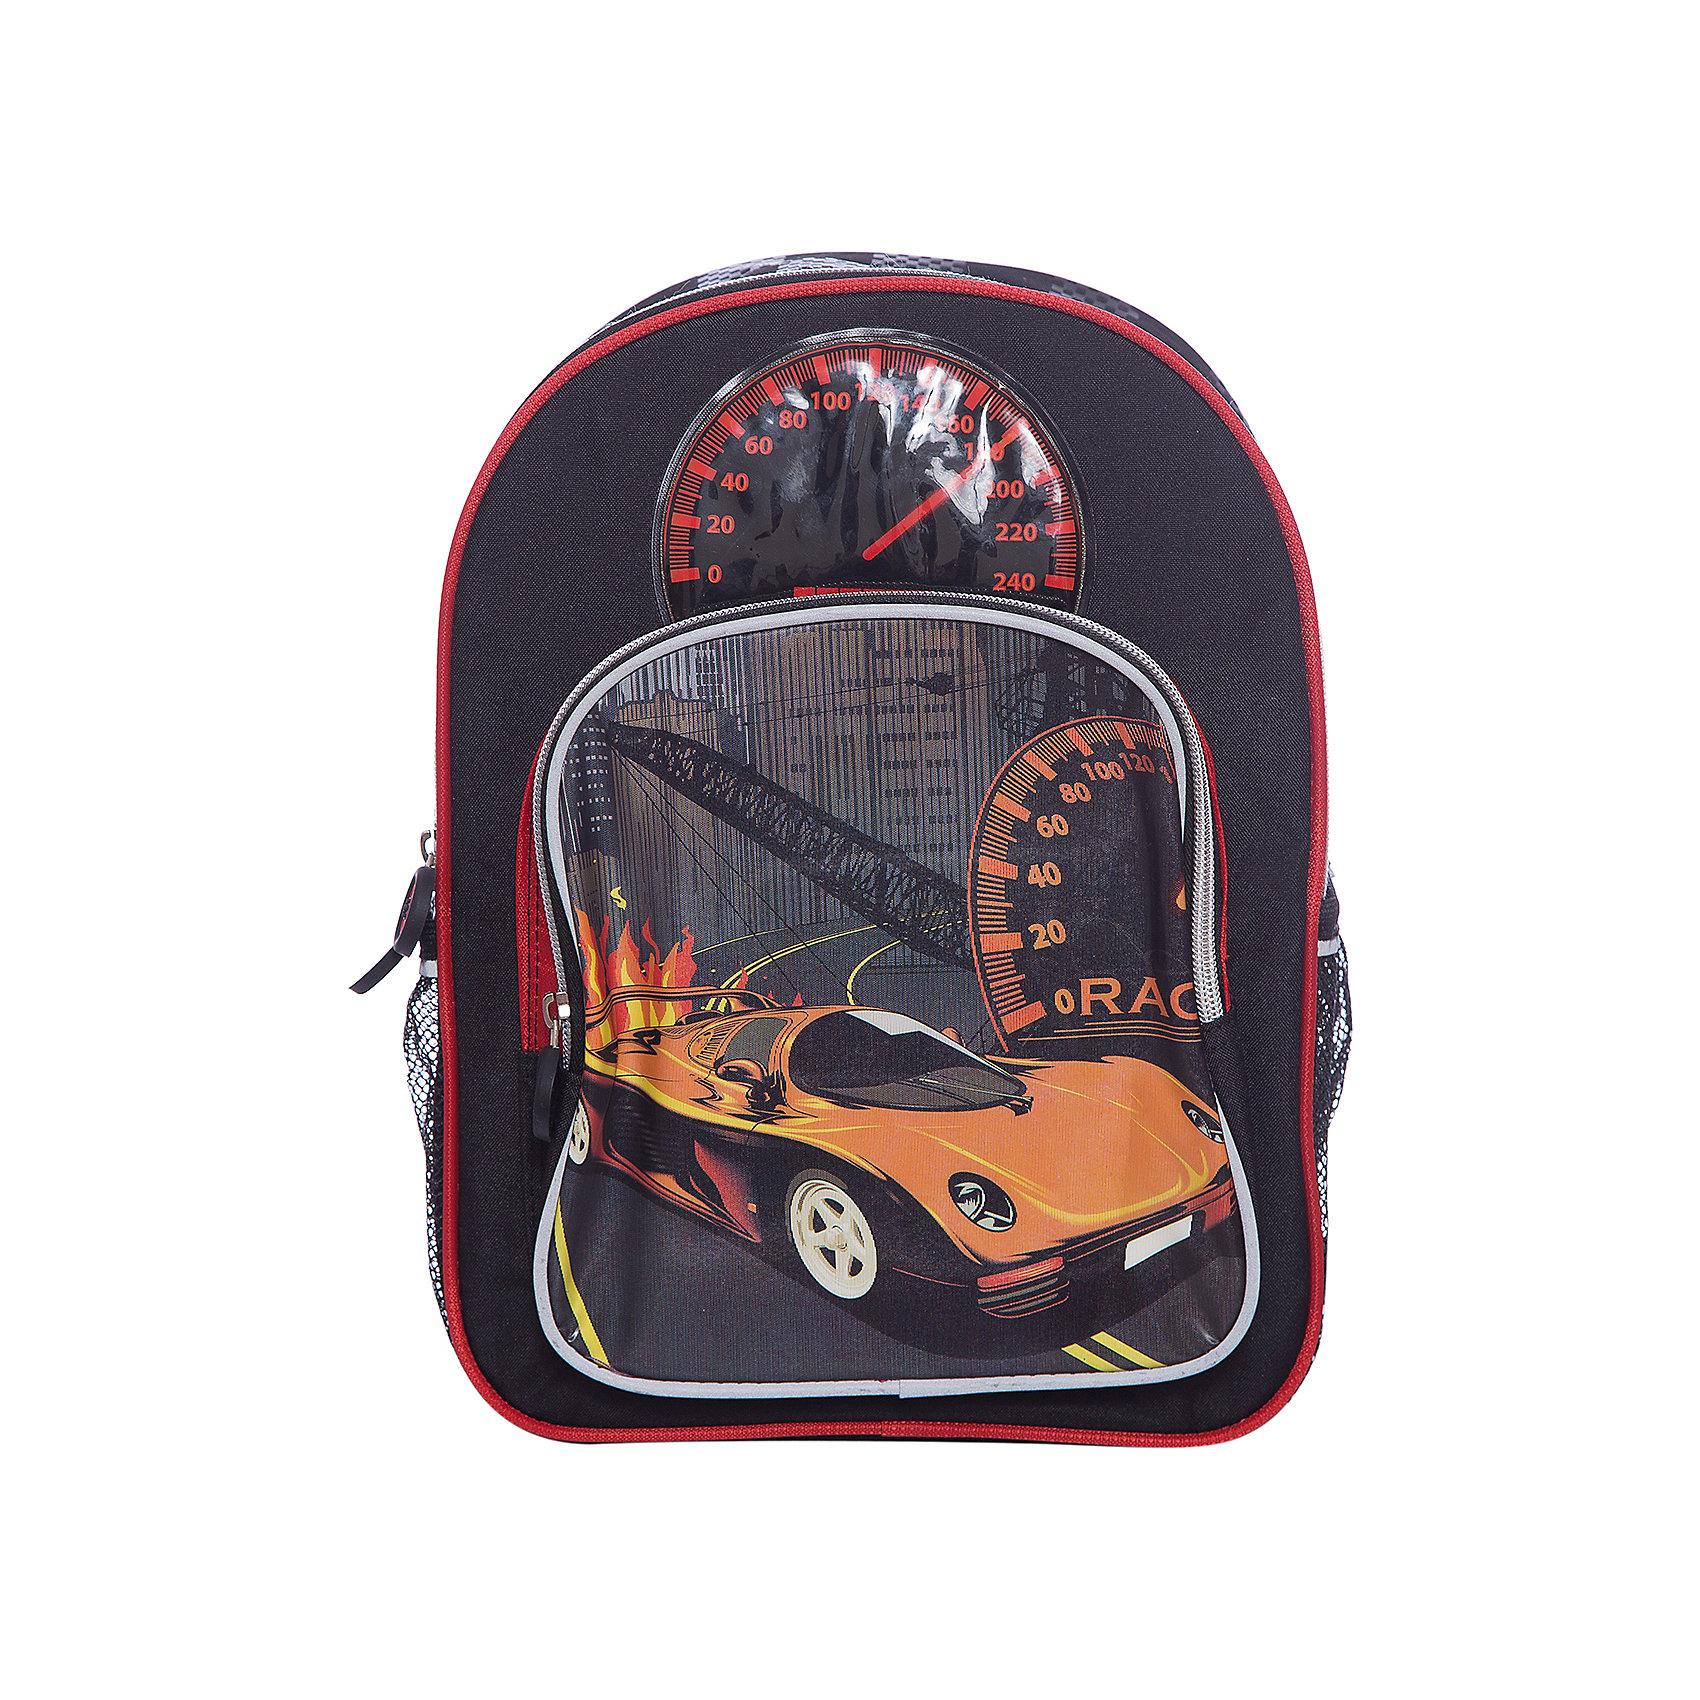 Рюкзак CarШкольные рюкзаки<br>Рюкзак Car, CENTRUM (Центрум) ? рюкзак отечественного бренда детской серии. Рюкзаки этой серии выполнены из непромокаемого и прочного полиэстера высокого качества, отличаются легким весом. <br>Внутреннее устройство рюкзака состоит из одного вместительного отсека. На передней спинке имеется объемный карман на молнии, по бокам рюкзака имеются два сетчатых кармана. Эргономичность рюкзака обеспечивается плотной спинкой и широкими регулируемыми лямками, на которых есть светоотражающие элементы. Для удобства переноса рюкзака в руках имеется  ручка-петля. <br>Рюкзак выполнен в стильном дизайне: на передней стенке изображен спидометр, на объемном кармане – гоночный автомобиль.<br>Рюкзак Car, CENTRUM (Центрум) ? это многофункциональность, качество и удобство использования. <br><br>Дополнительная информация:<br><br>- Вес: 345 г<br>- Габариты (Д*Г*В): 34*12*25 см<br>- Цвет: черный, красный<br>- Материал: полиэстер<br>- Сезон: круглый год<br>- Коллекция: детская<br>- Пол: мужской<br>- Предназначение: для школы, для занятий спортом, для путешествий <br>- Особенности ухода: можно чистить влажной щеткой или губкой<br><br>Подробнее:<br><br>• Для детей в возрасте: от 3 лет и до 10 лет<br>• Страна производитель: Китай<br>• Торговый бренд: CENTRUM<br><br>Рюкзак Car, CENTRUM (Центрум) можно купить в нашем интернет-магазине.<br><br>Ширина мм: 340<br>Глубина мм: 120<br>Высота мм: 250<br>Вес г: 350<br>Возраст от месяцев: 36<br>Возраст до месяцев: 120<br>Пол: Унисекс<br>Возраст: Детский<br>SKU: 4865225